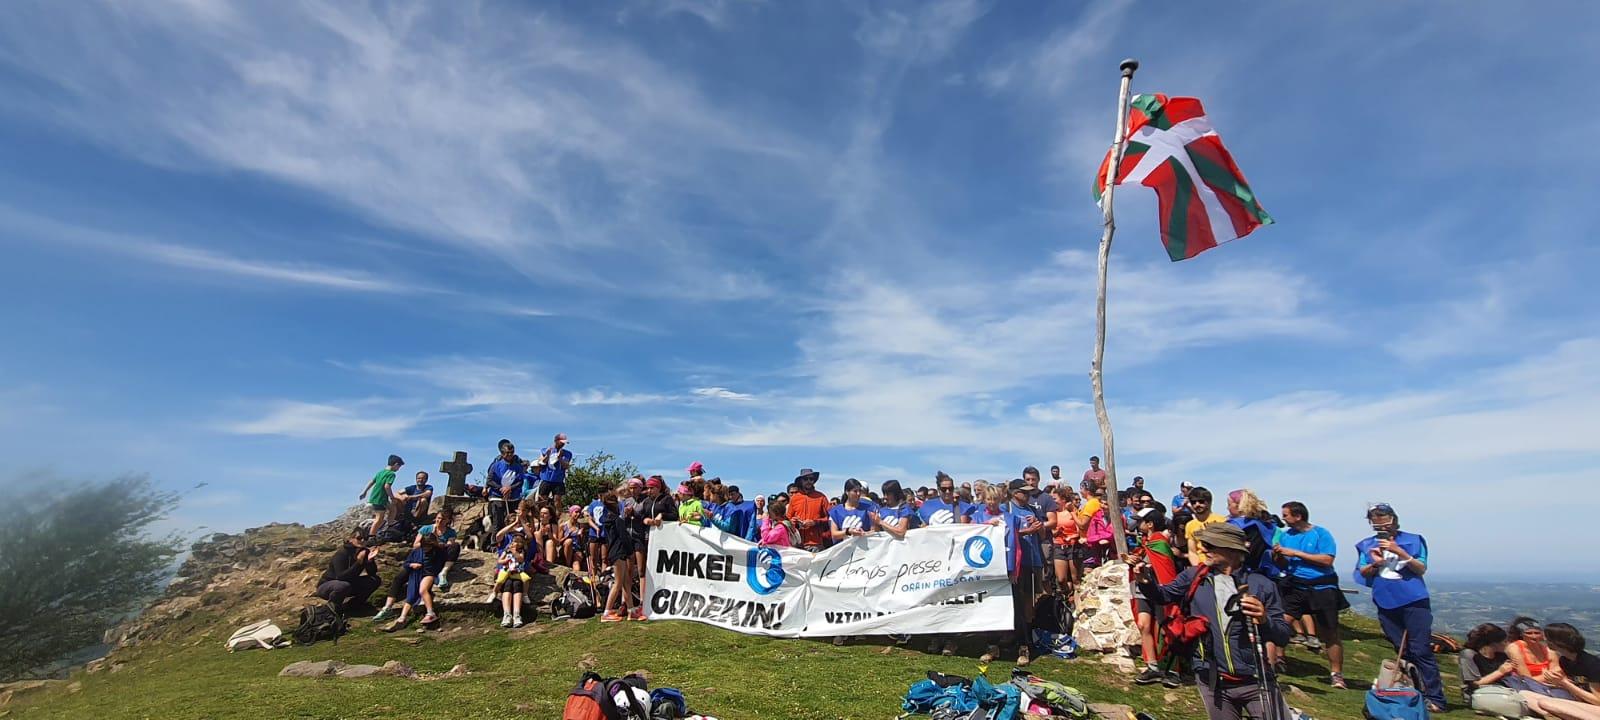 Marche solidaire sur les sommets au Pays basque en France